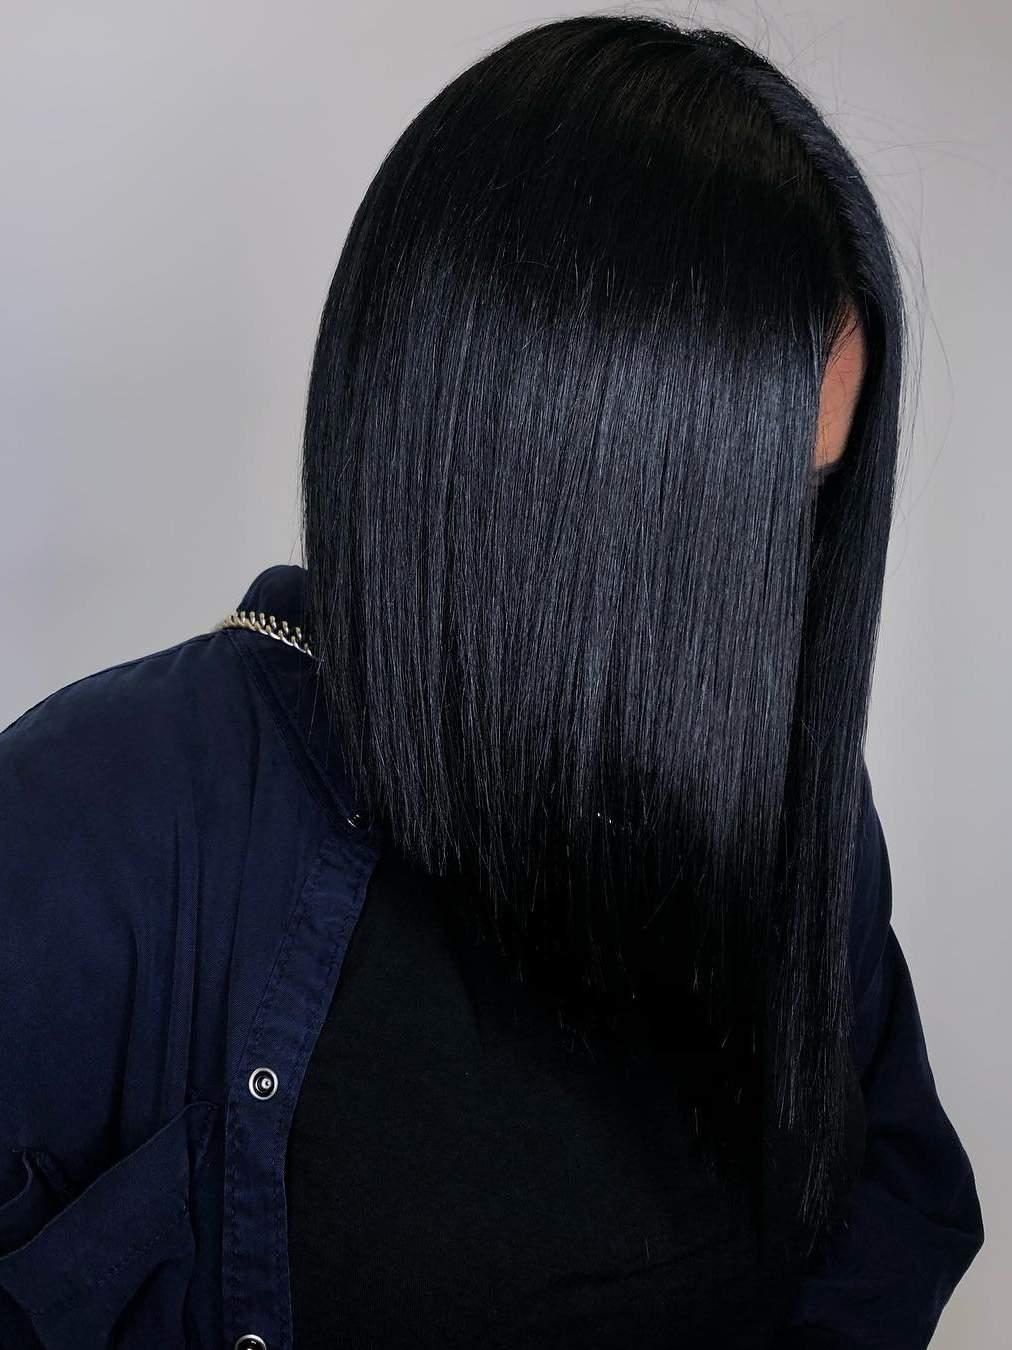 Το ink black της Kardashian είναι η απόλυτη τάση στα χρώματα μαλλιών για το 2019